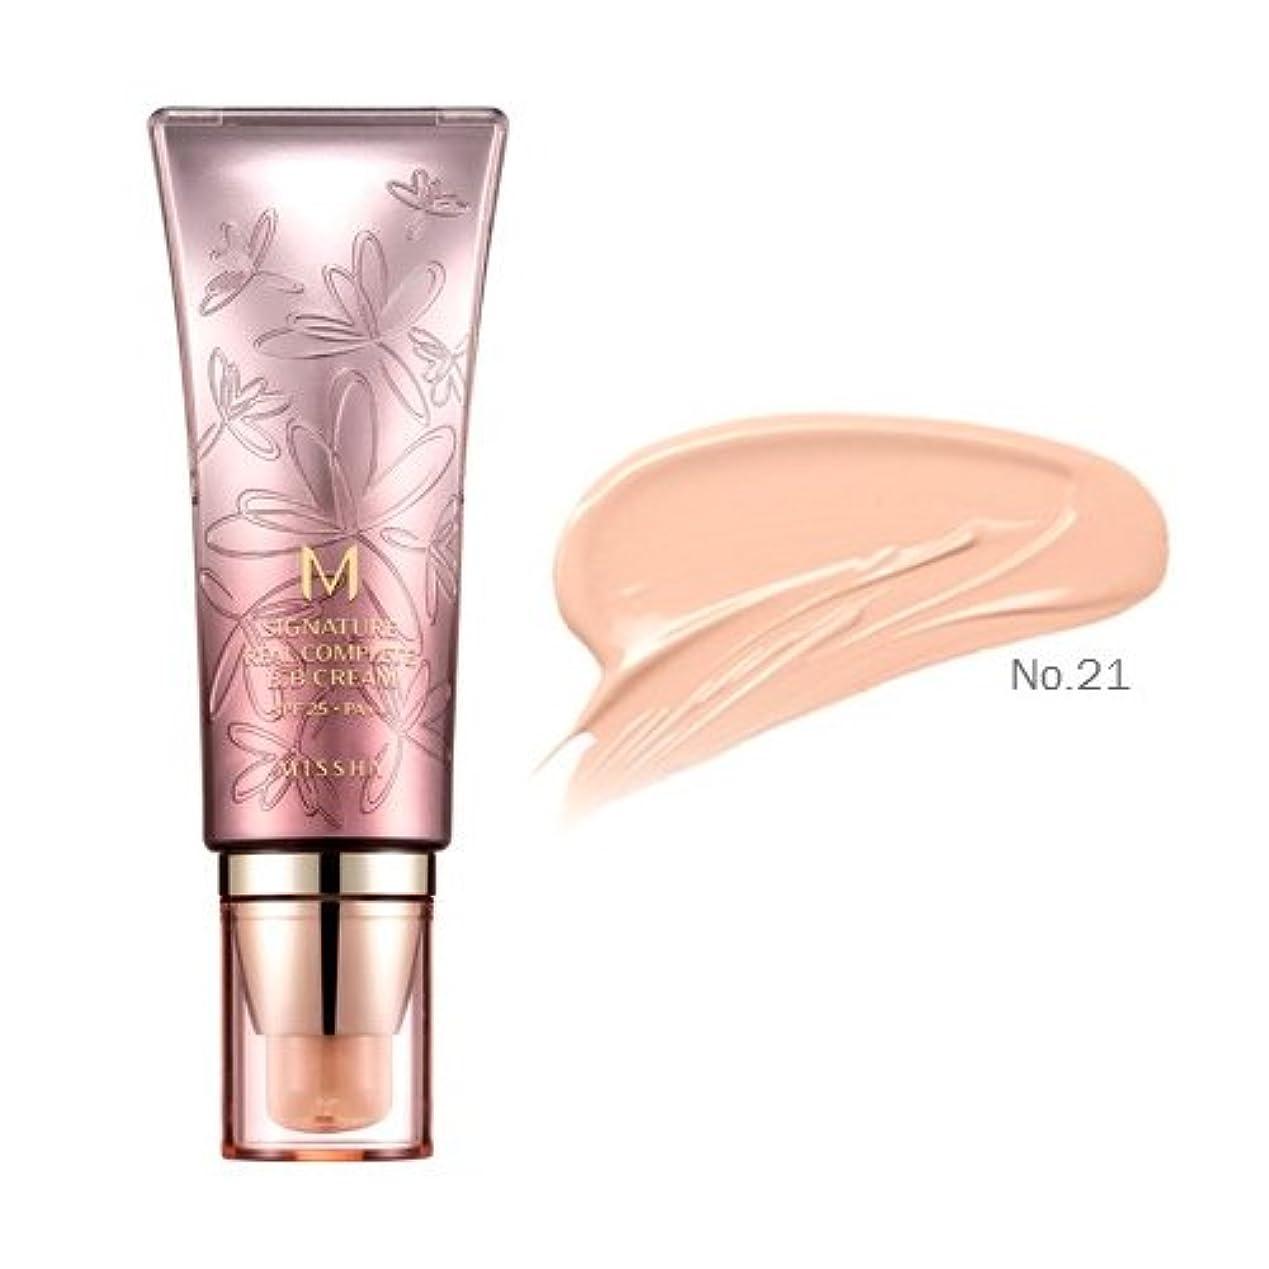 受動的器具急降下(6 Pack) MISSHA M Signature Real Complete B.B Cream SPF 25 PA++ No. 21 Light Pink Beige (並行輸入品)